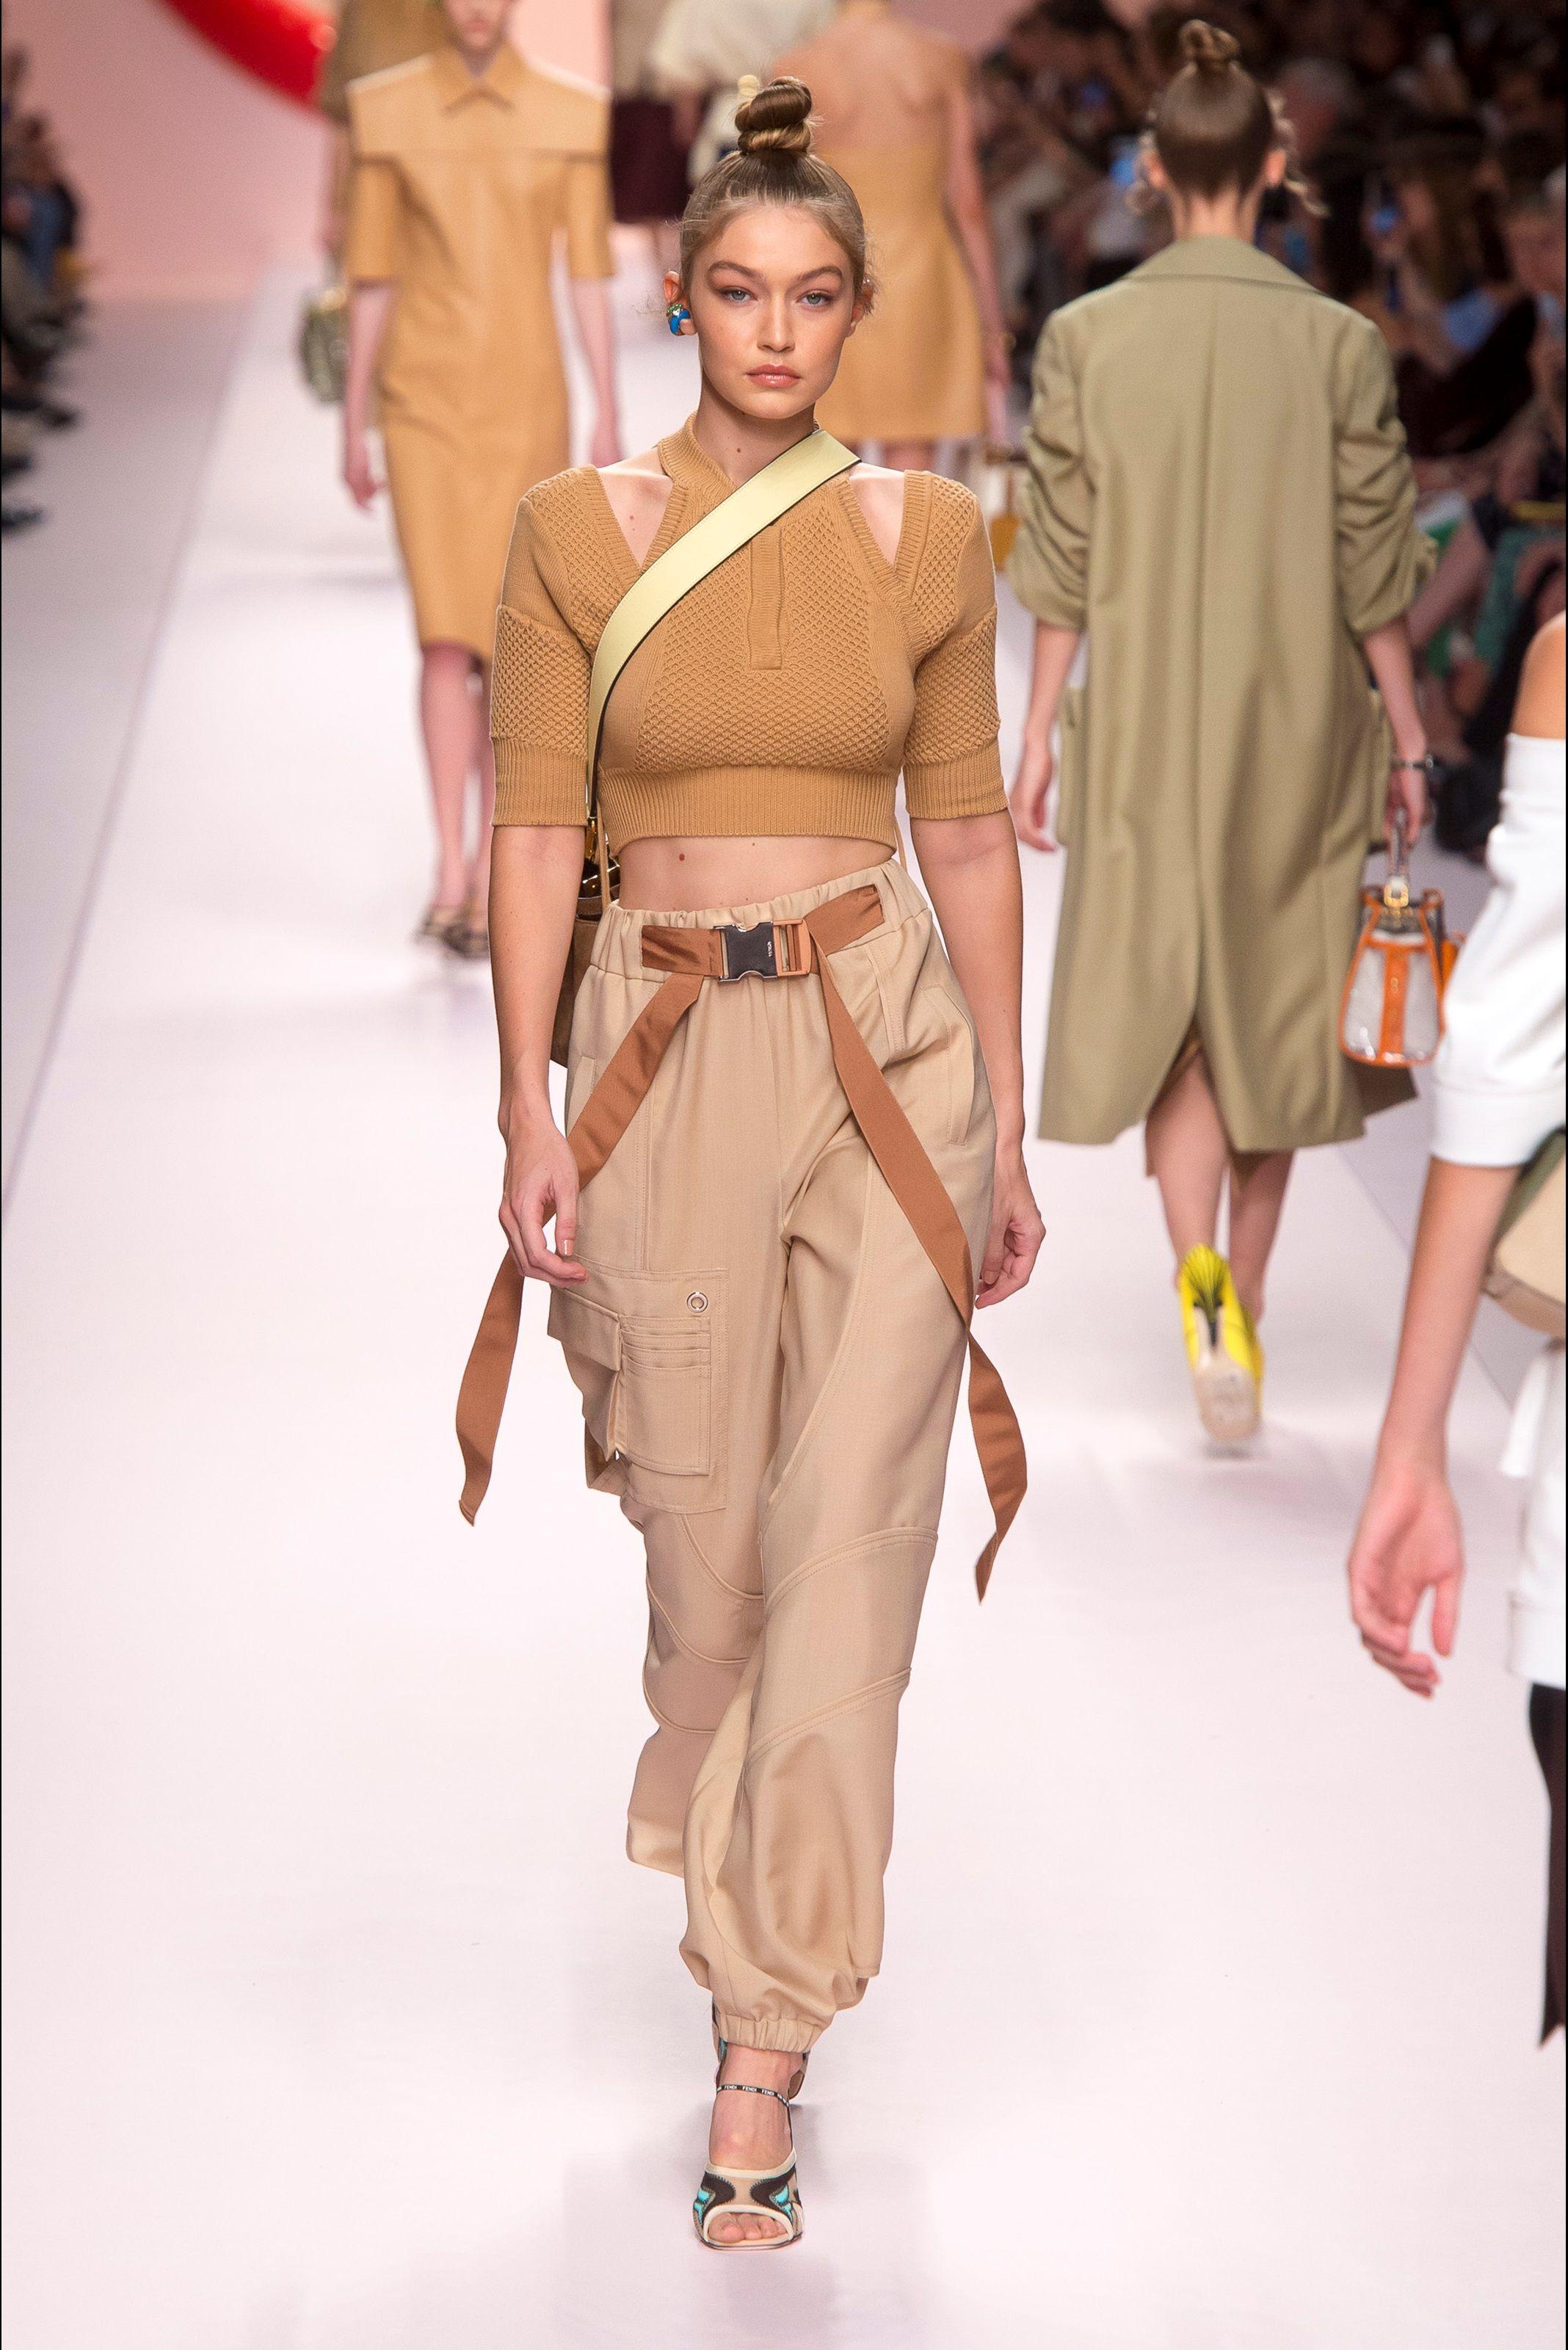 Sfilata Fendi Milano - Collezioni Primavera Estate 2019 - Vogue ... 6b6a2885a5b